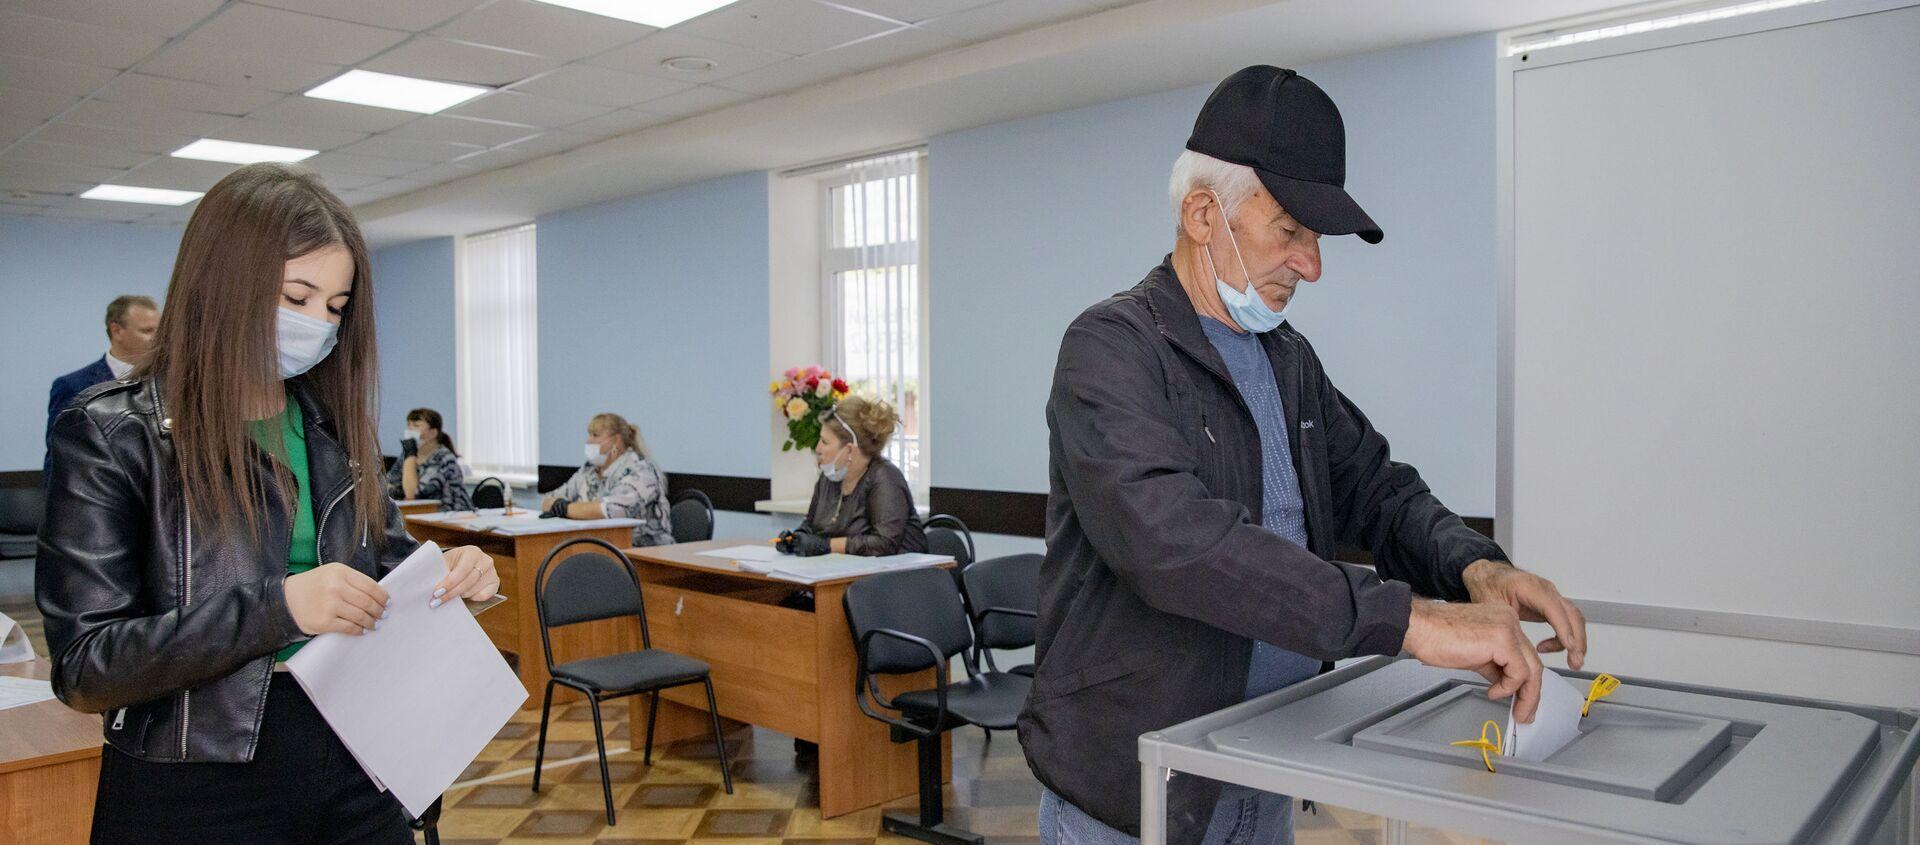 Голосование по выборам в Госдуму РФ в Южной Осетии - Sputnik Южная Осетия, 1920, 22.09.2021